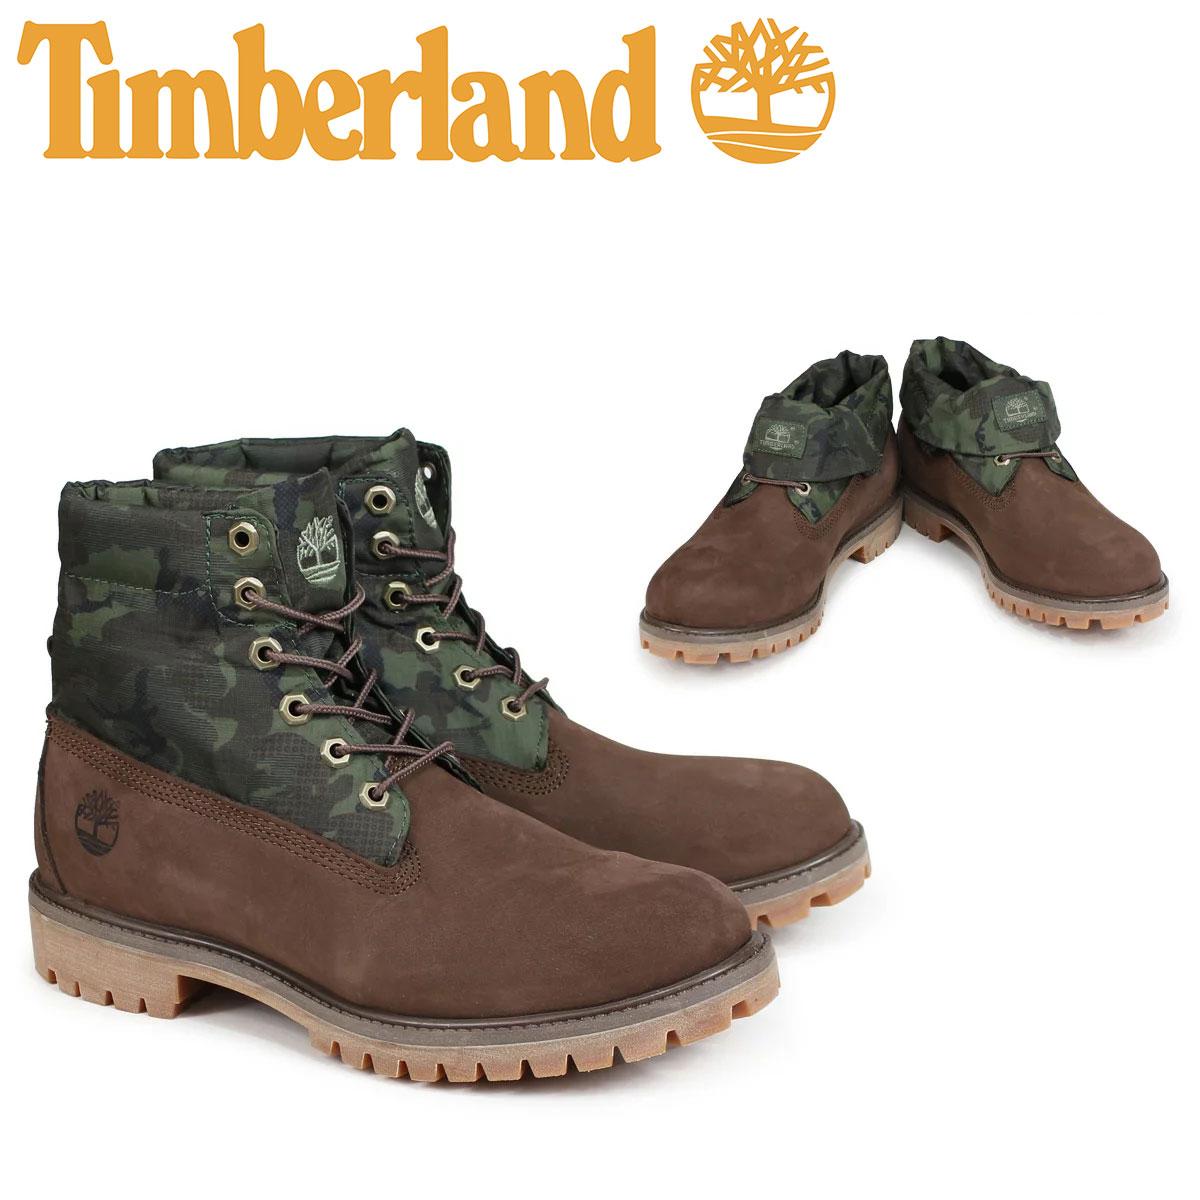 逆輸入 ティンバーランド ロールトップ TOP ブーツ Timberland メンズ ROLL TOP A1UCN ROLL A1UCN Wワイズ ブラウン, オカヤシ:3a75a956 --- business.personalco5.dominiotemporario.com